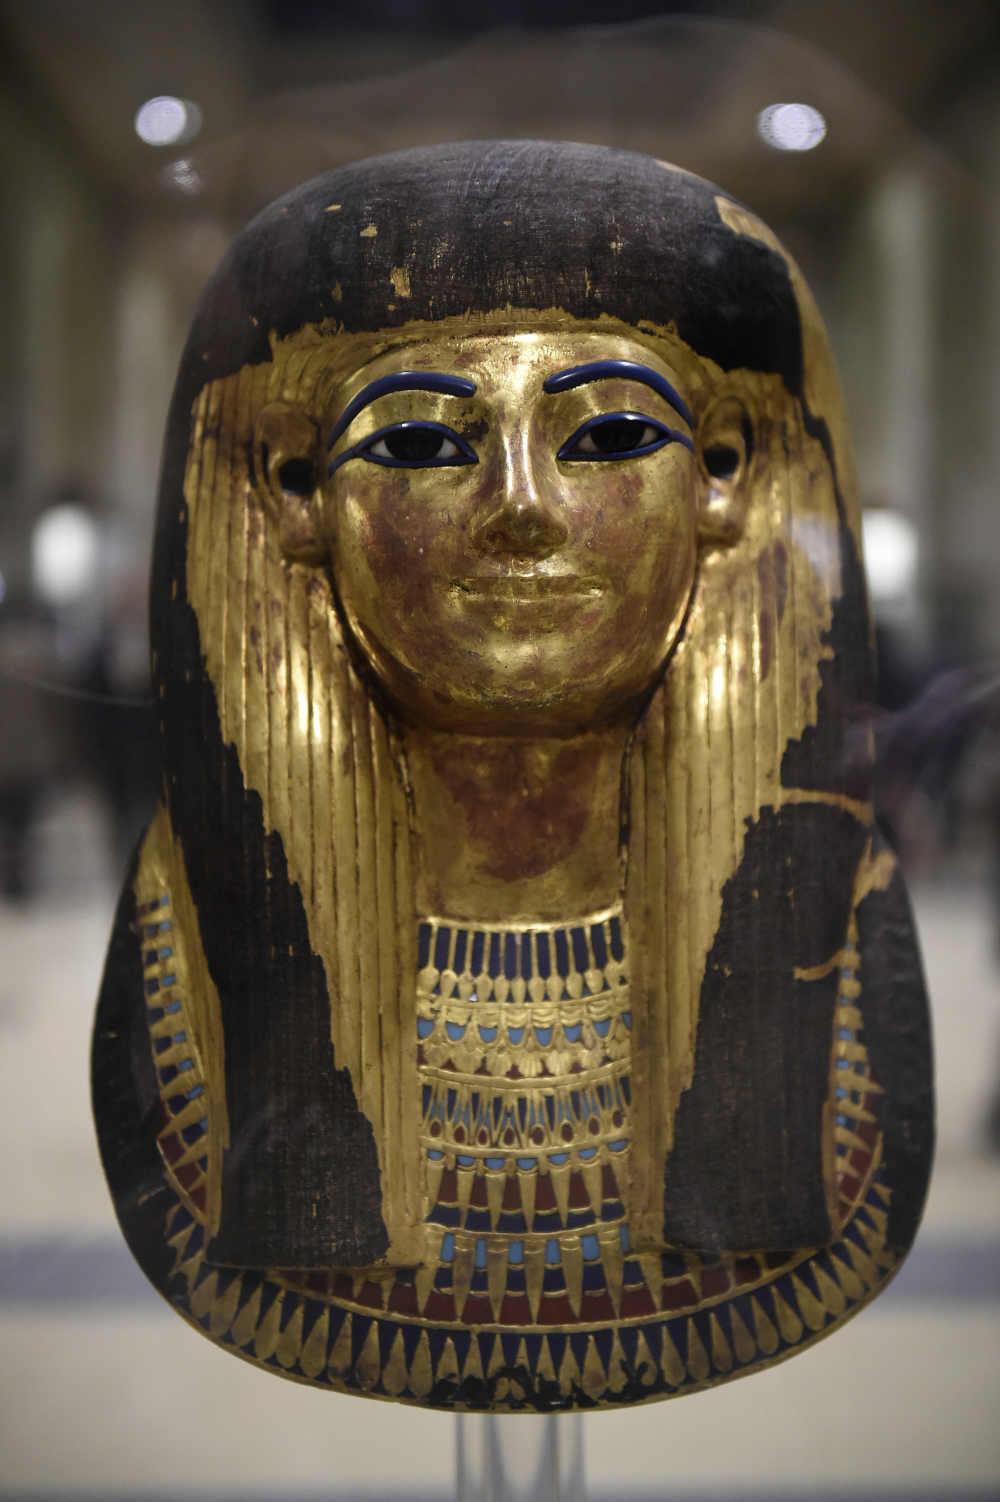 หน้ากากกระดาษชุบทองของธูยา ที่จัดแสดงในพิพิธภัณฑ์อียิปต์ ระหว่างการฉลอง 116 ปี ของพิพิธภัณฑ์อียิปต์ในไคโร (Khaled DESOUKI / AFP)